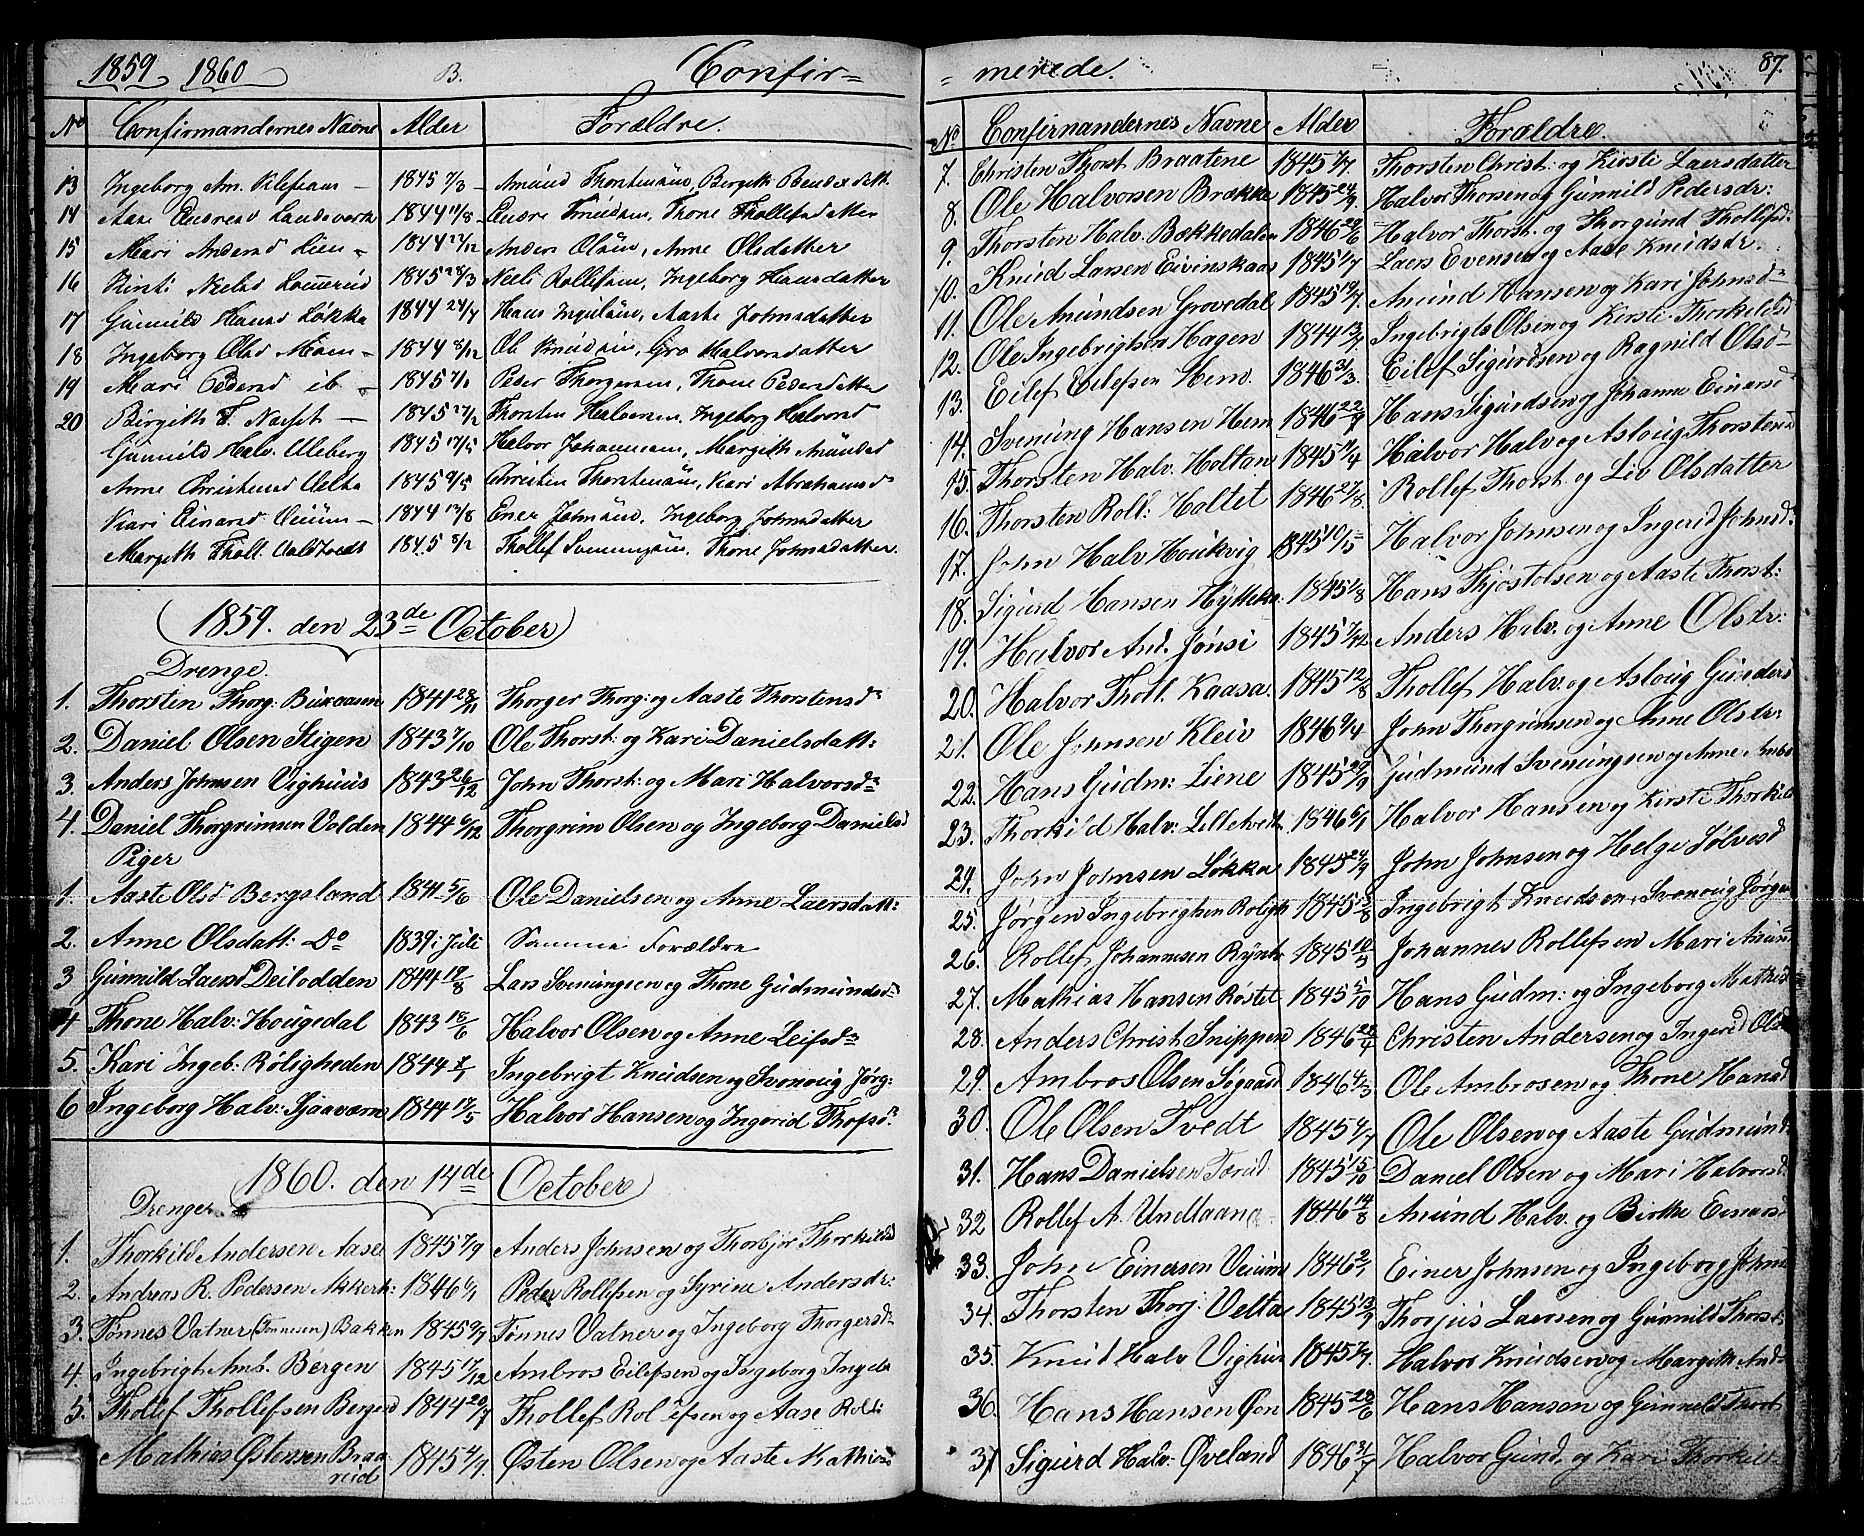 SAKO, Sauherad kirkebøker, G/Ga/L0002: Klokkerbok nr. I 2, 1842-1866, s. 87